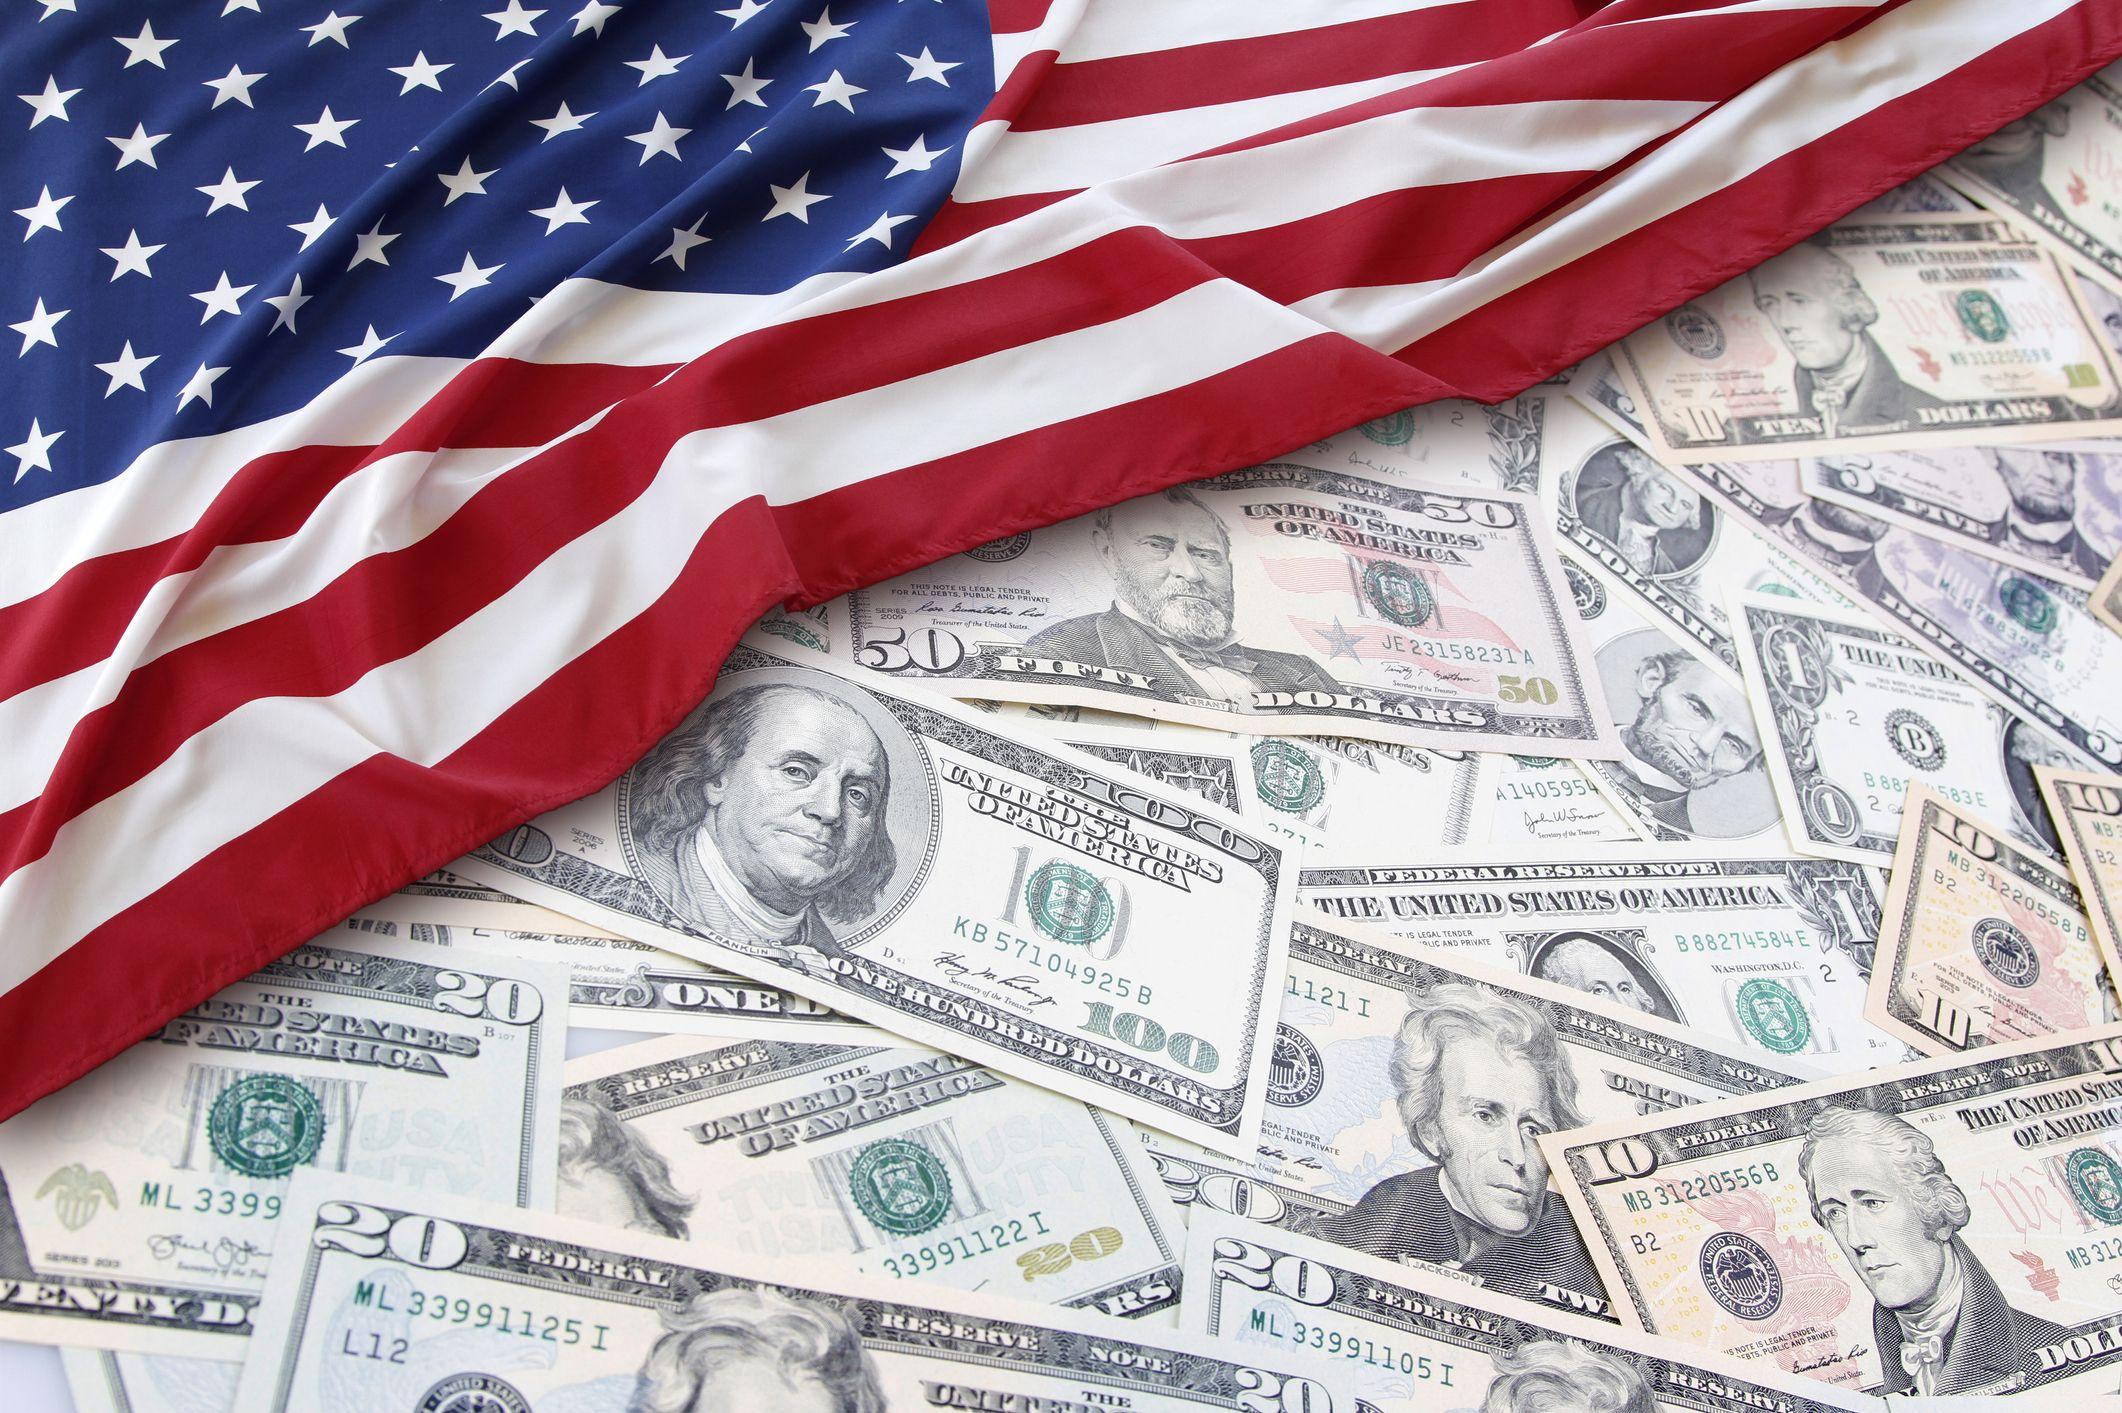 money-flag-stock